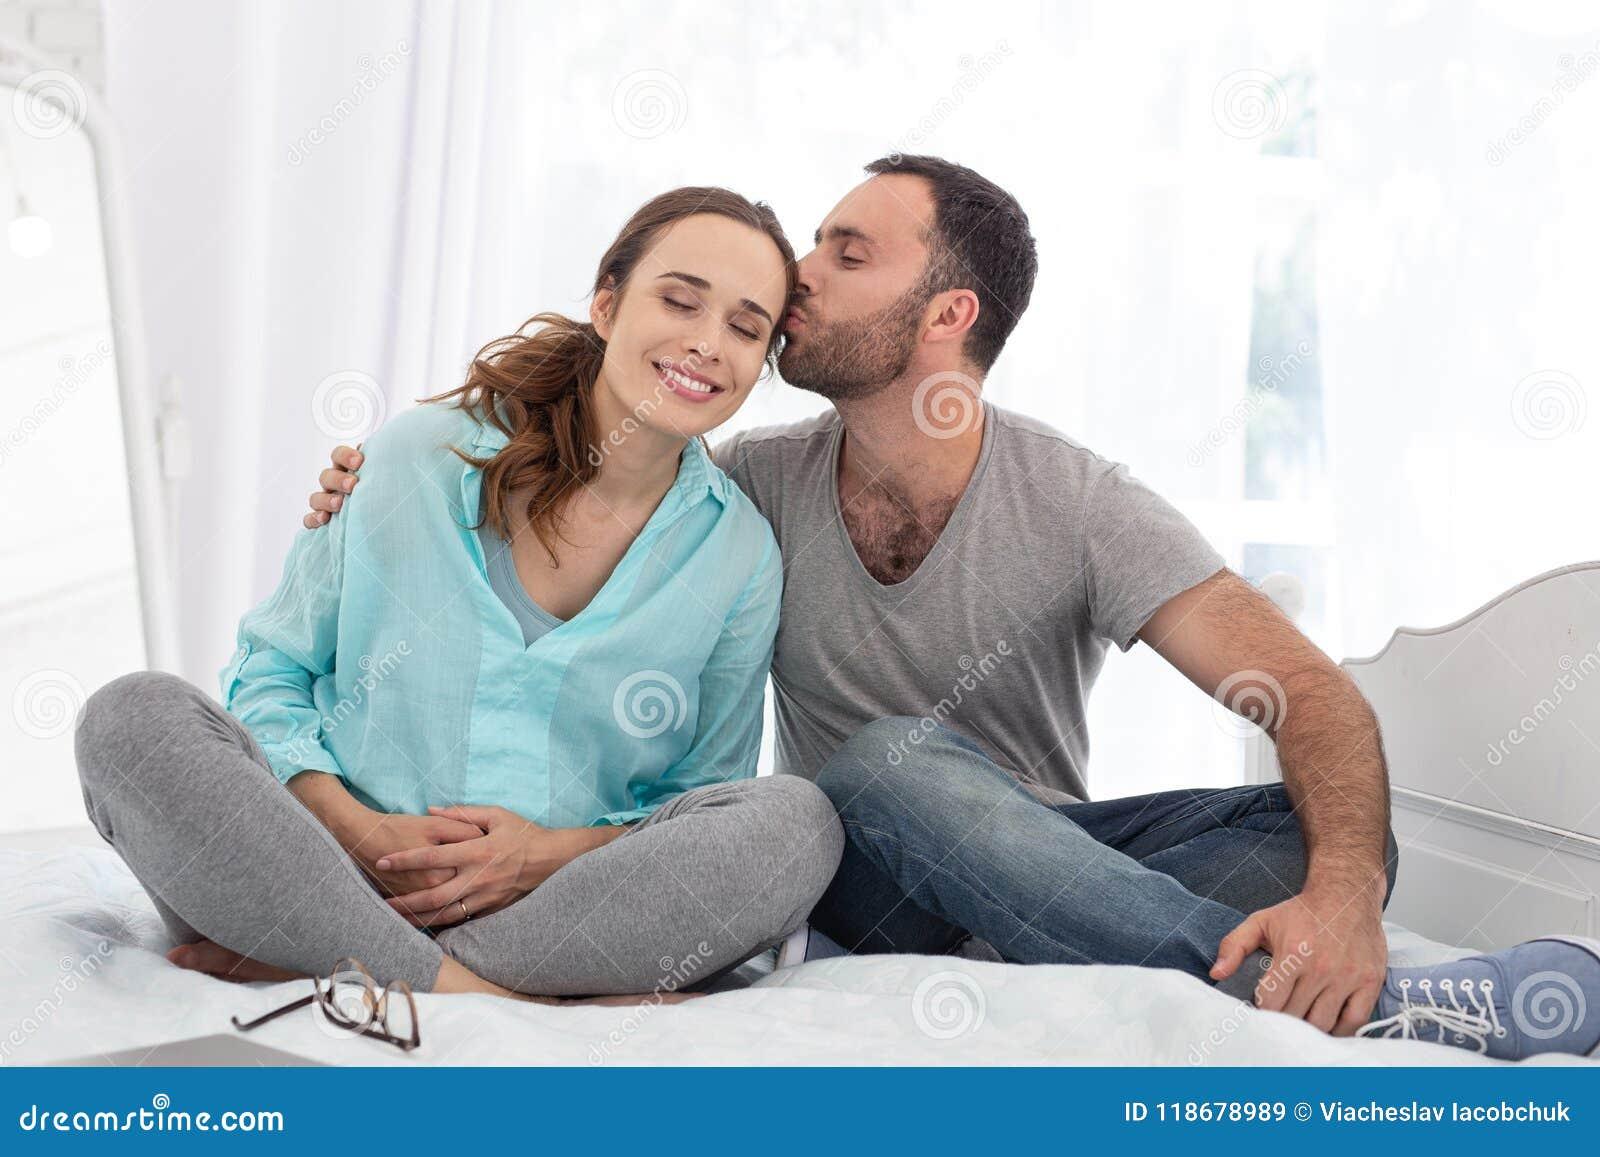 Online-Dating für Strafverfolgung